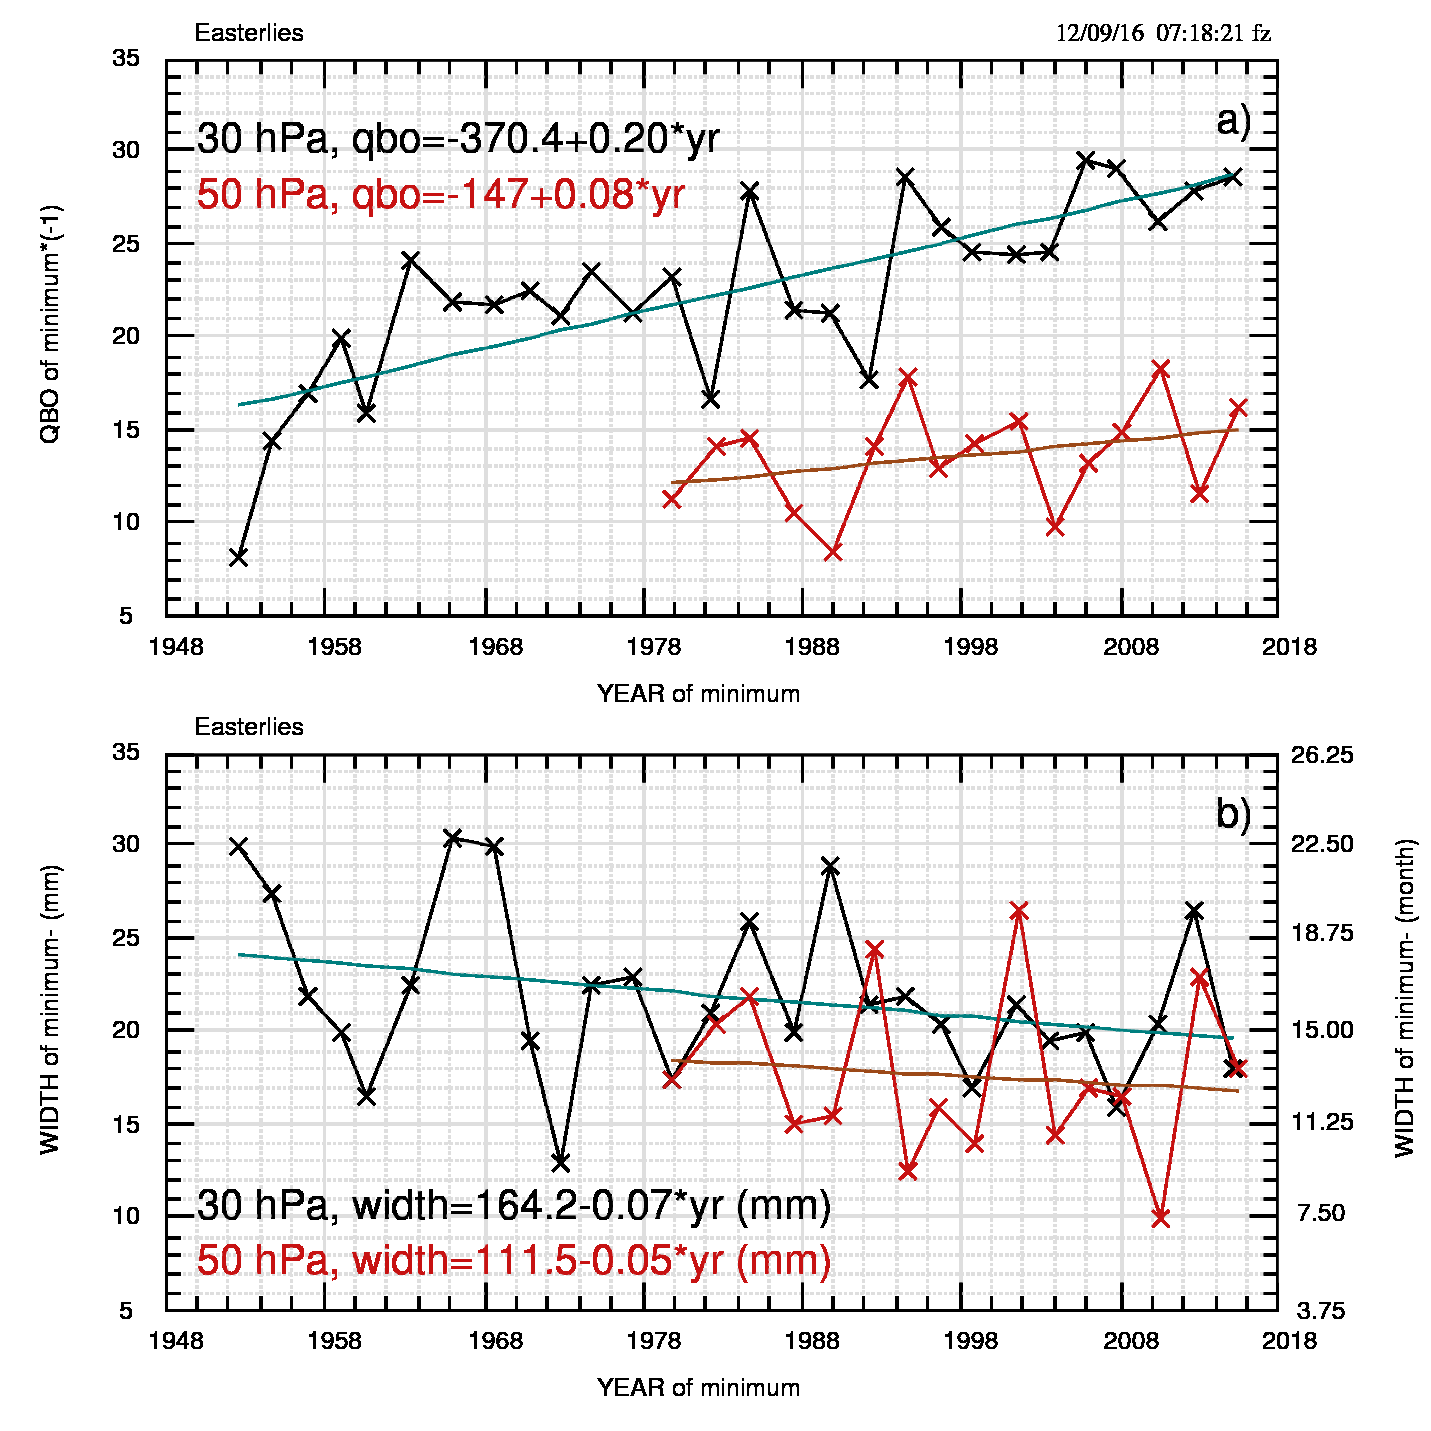 Fig.5: Come fig.4 ma per i minimi della QBO. Notare come sia i massimi che i minimi tendano a diventare più accentuati nel tempo (più alti i primi, più profondi i secondi). Per la larghezza: i massimi tendono a salire molto debolmente (0.09 mm/anno, valori quasi costanti dopo il 1960) e i minimi tendono a diminuire altrettanto debolmente (0.07 mm/anno).